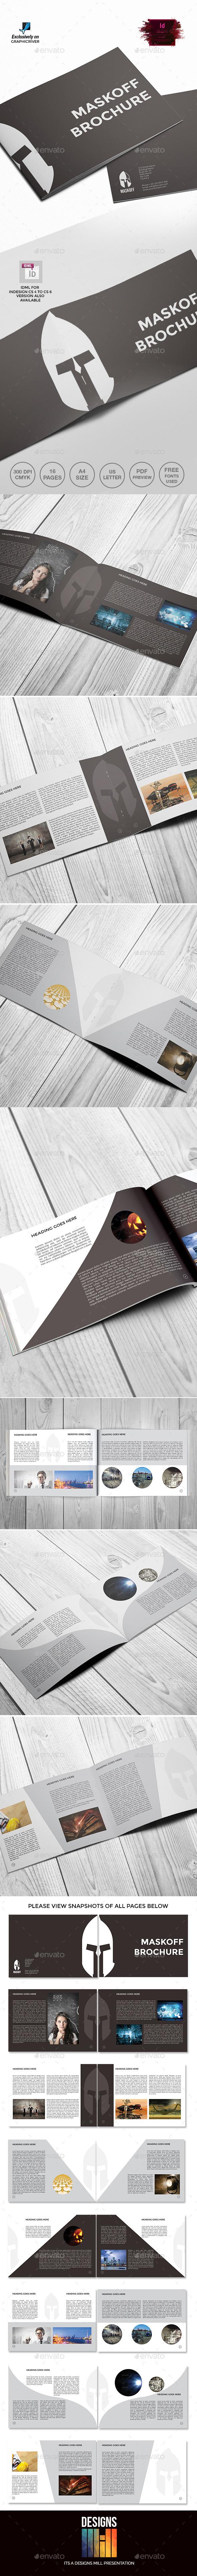 Maskoff Landscape Brochure Template - Informational Brochures